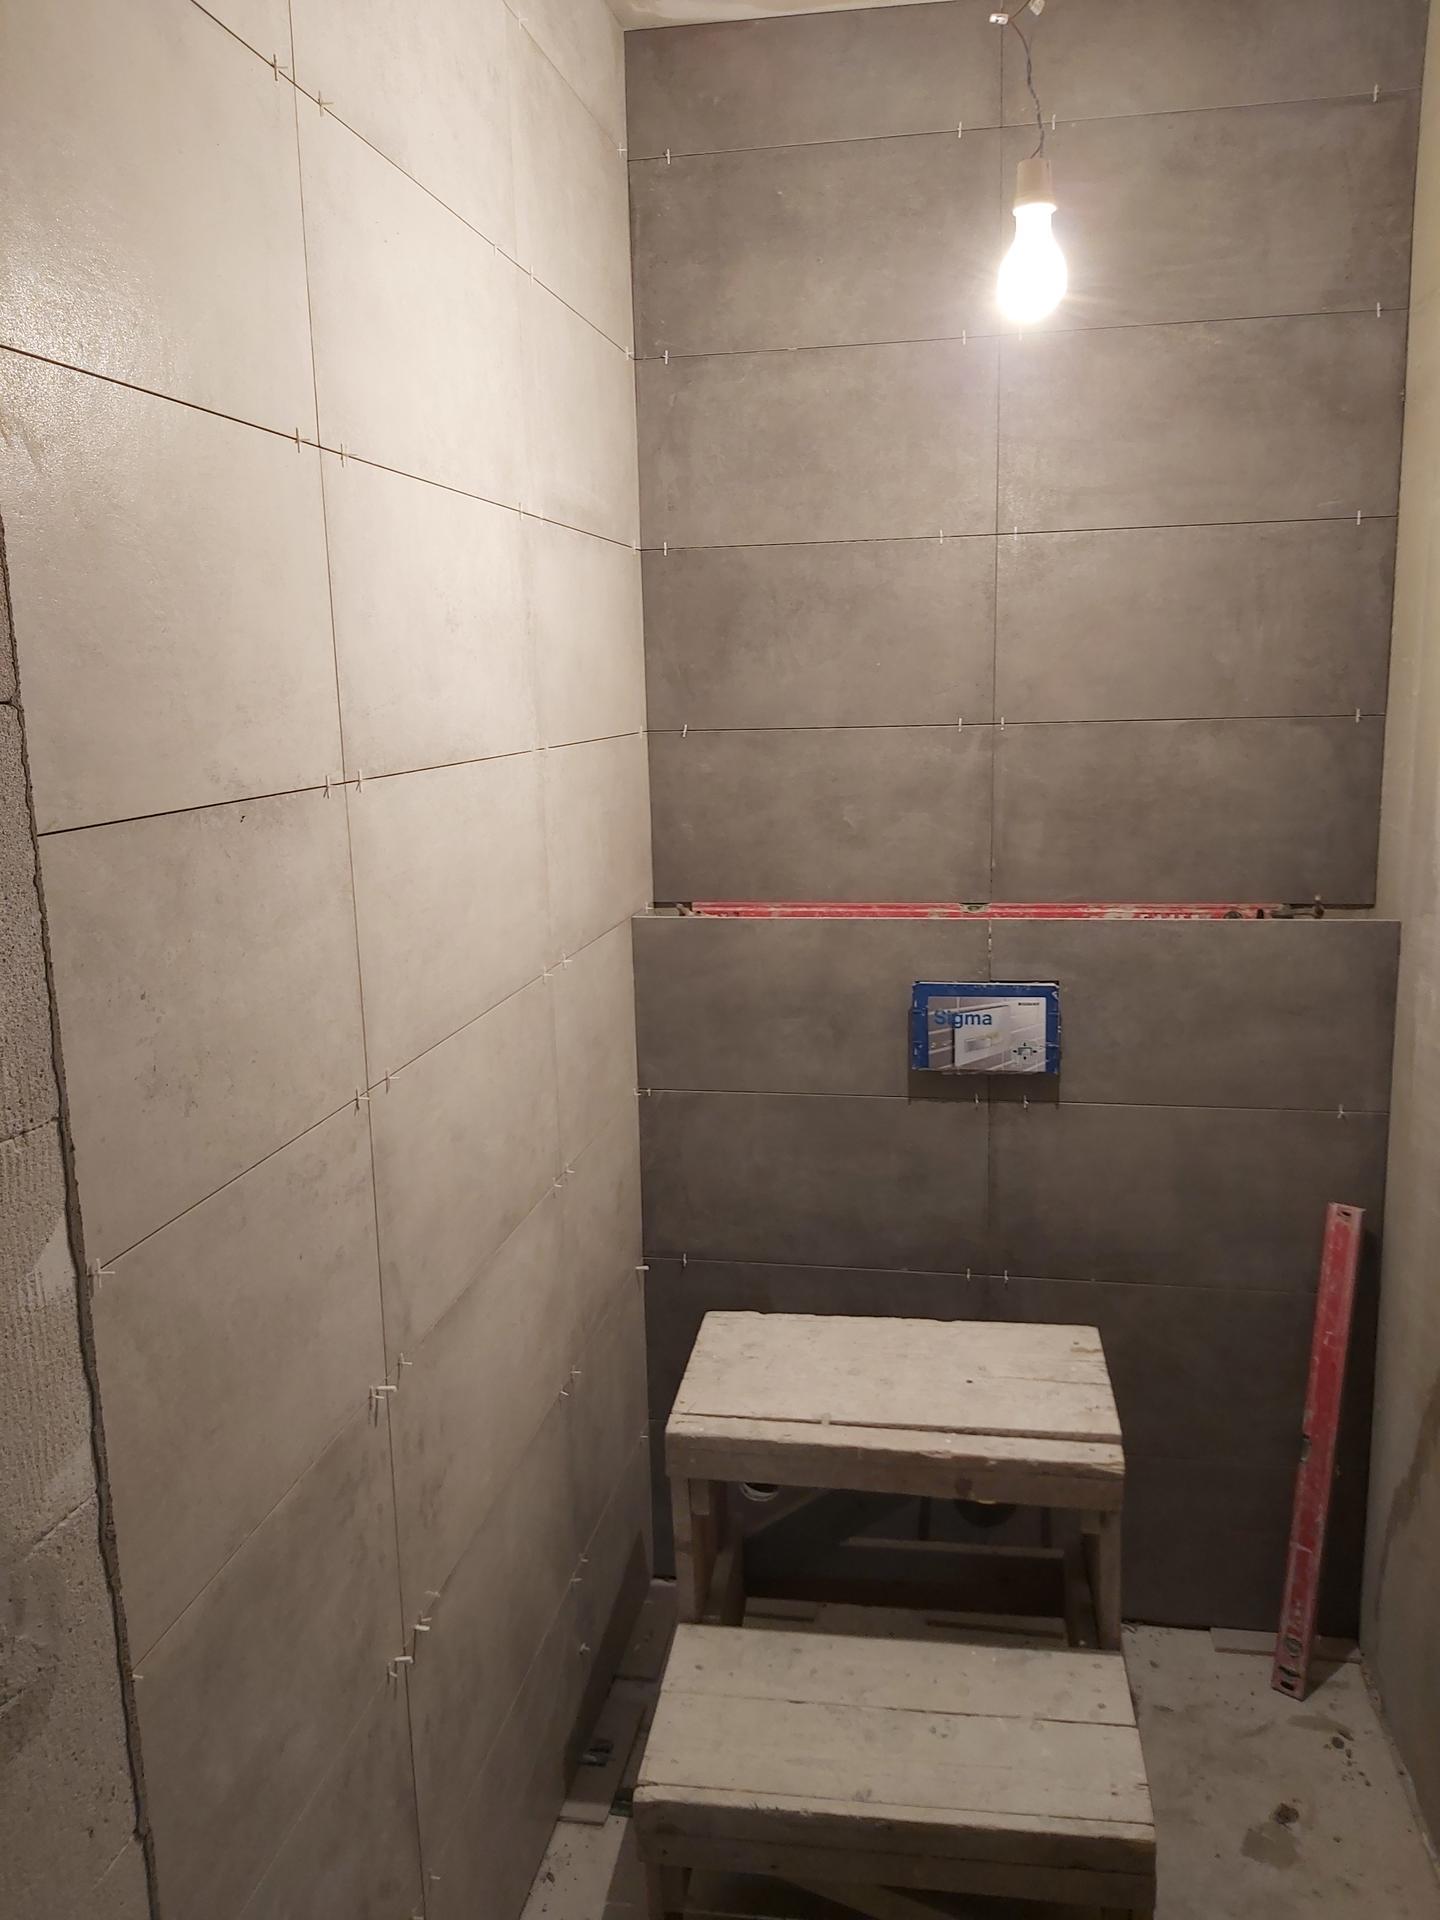 Toto je nejvíc ❤ vzkaz na stavbě od holčiček na polystyrenu! Také je už obloženo wc. Člověk má hned krásnější den a je o to víc vděčný 🙏😍. - Obrázek č. 1